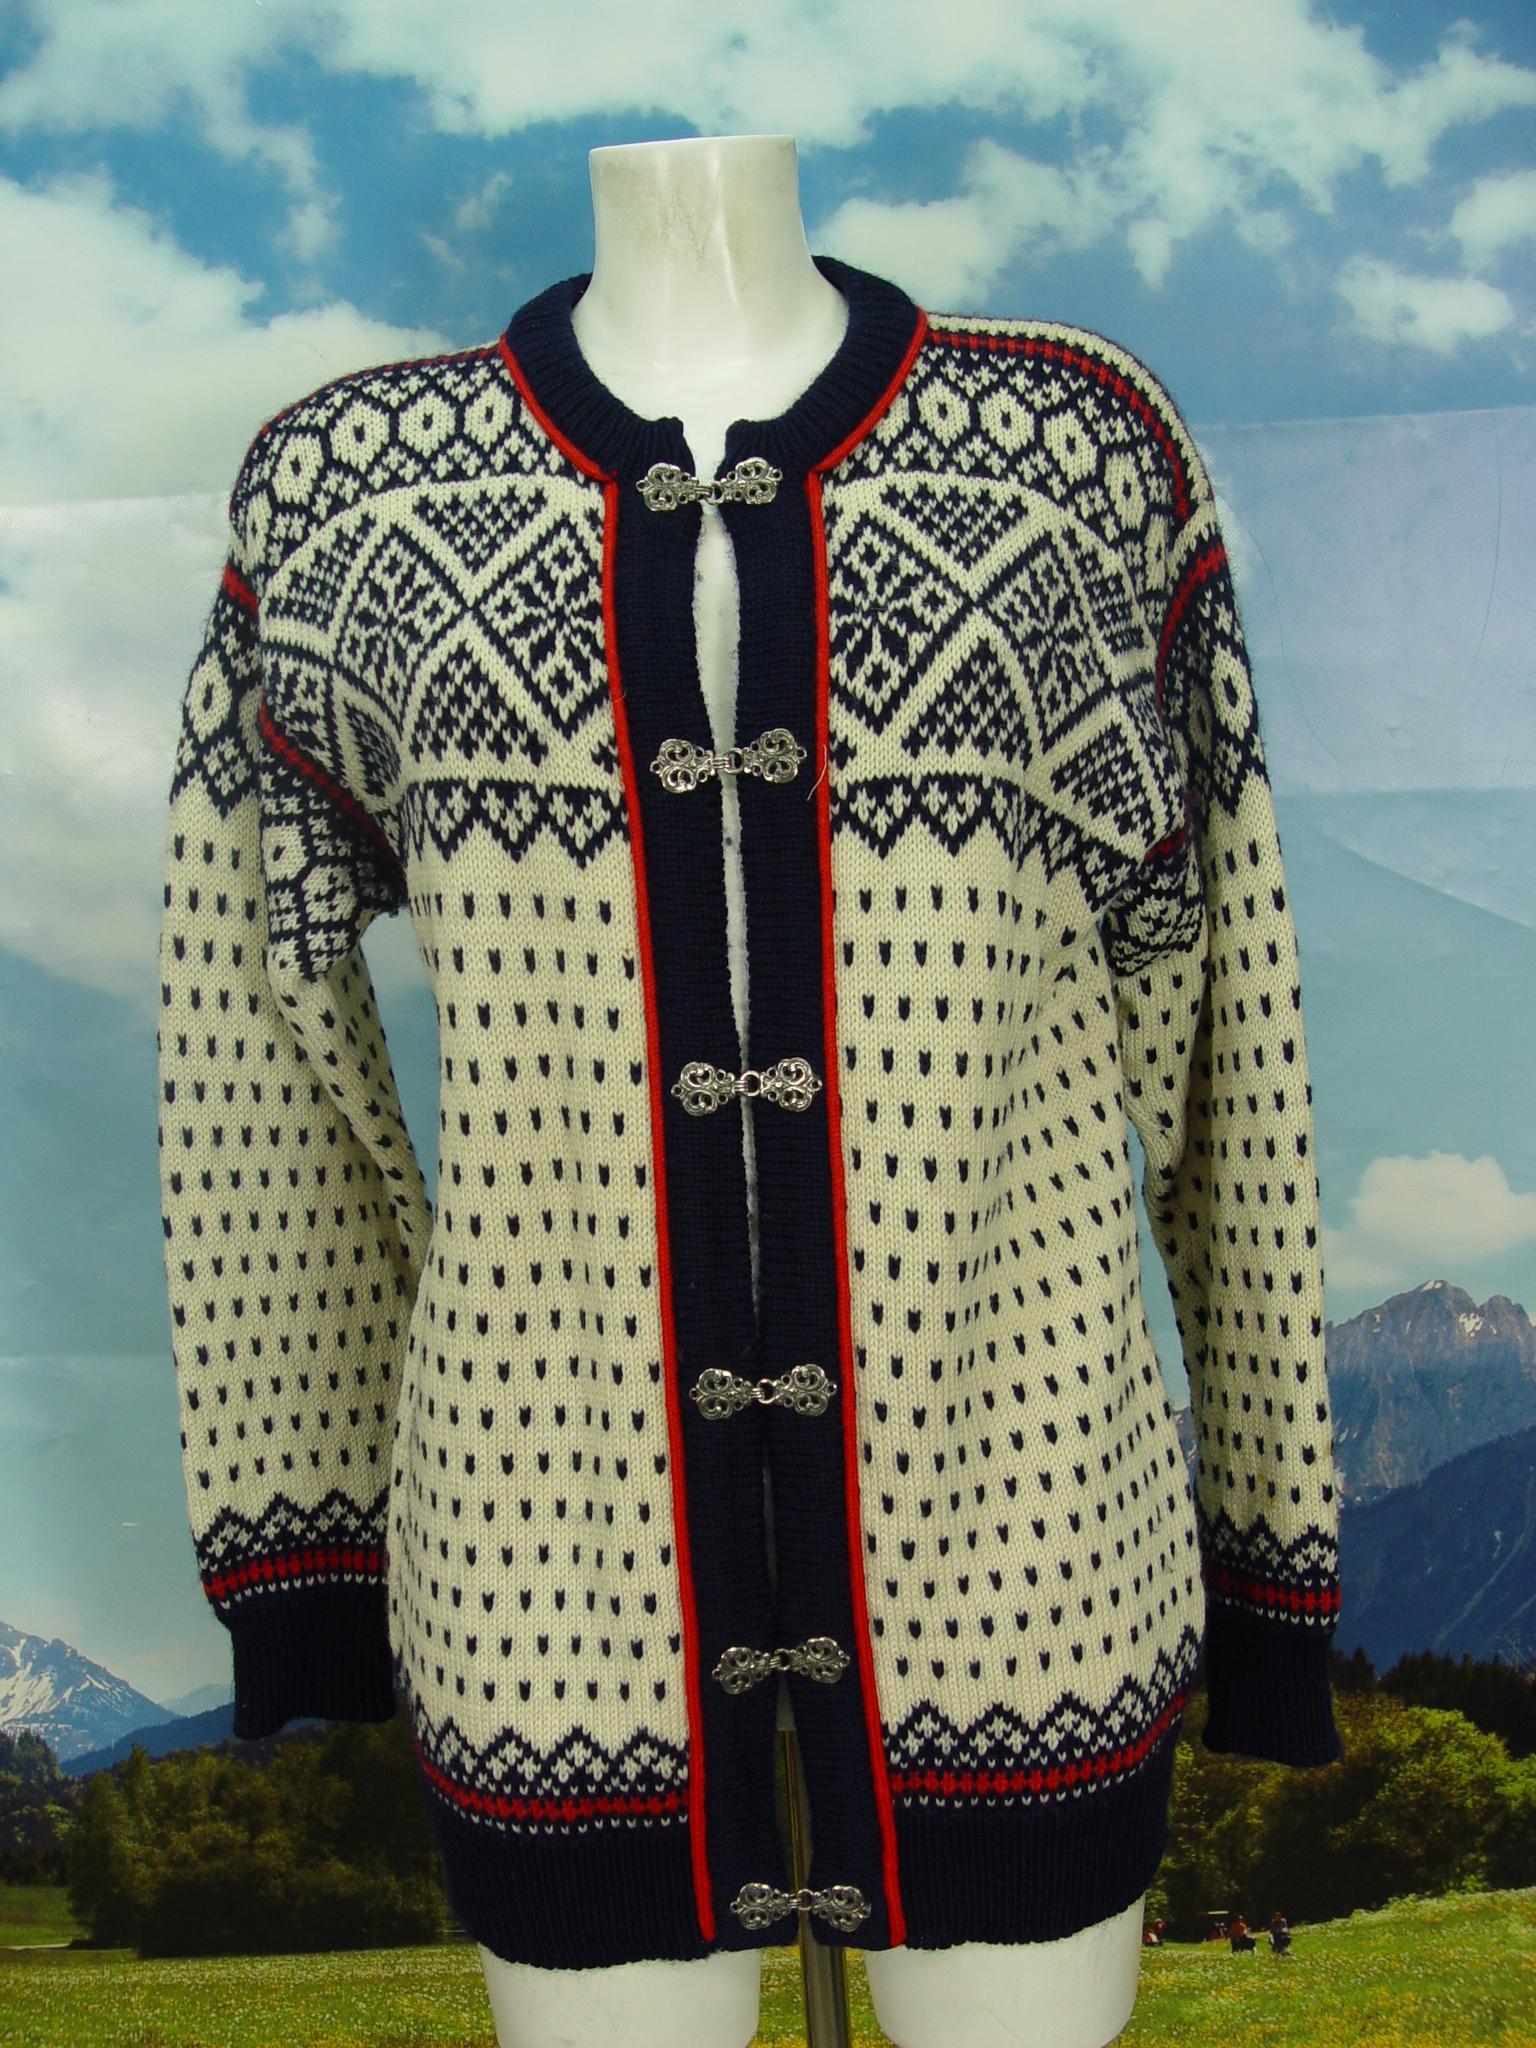 kosten charm beste Sammlung niedrigster Rabatt DALE OF NORWAY leichte Flecken Damen & Herren Norweger Strickjacke Jacke  Gr.50